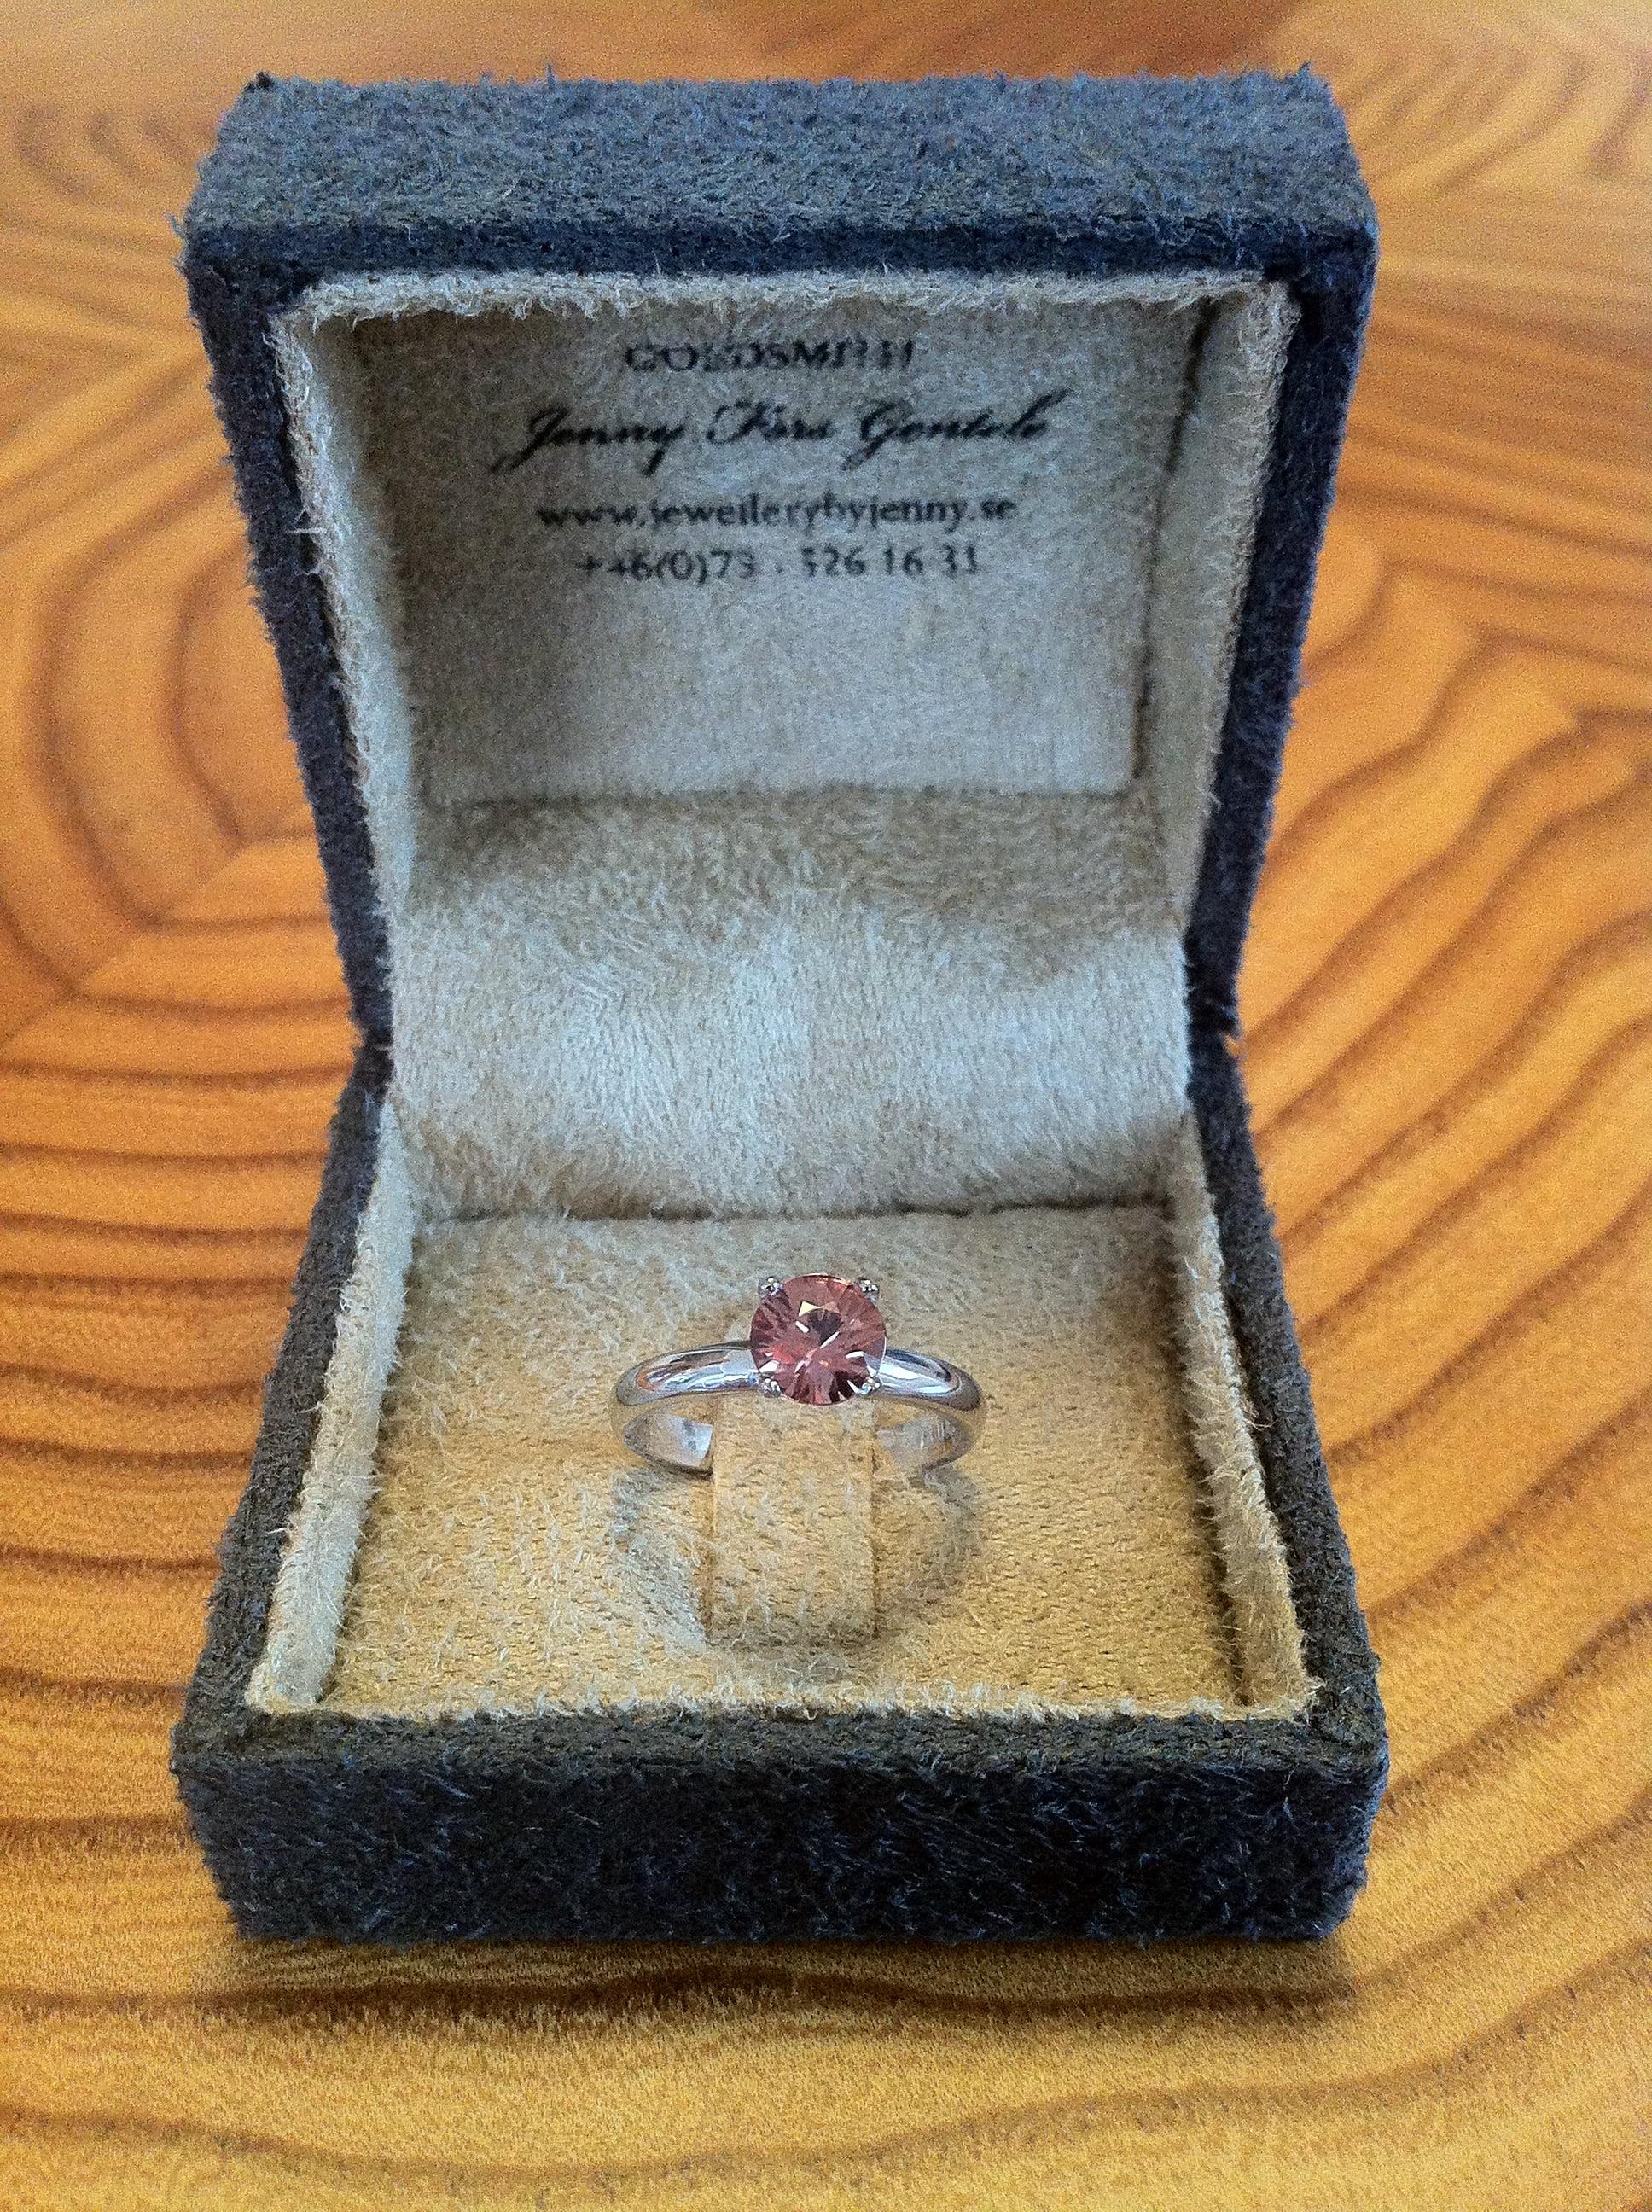 jewellery by jenny pris